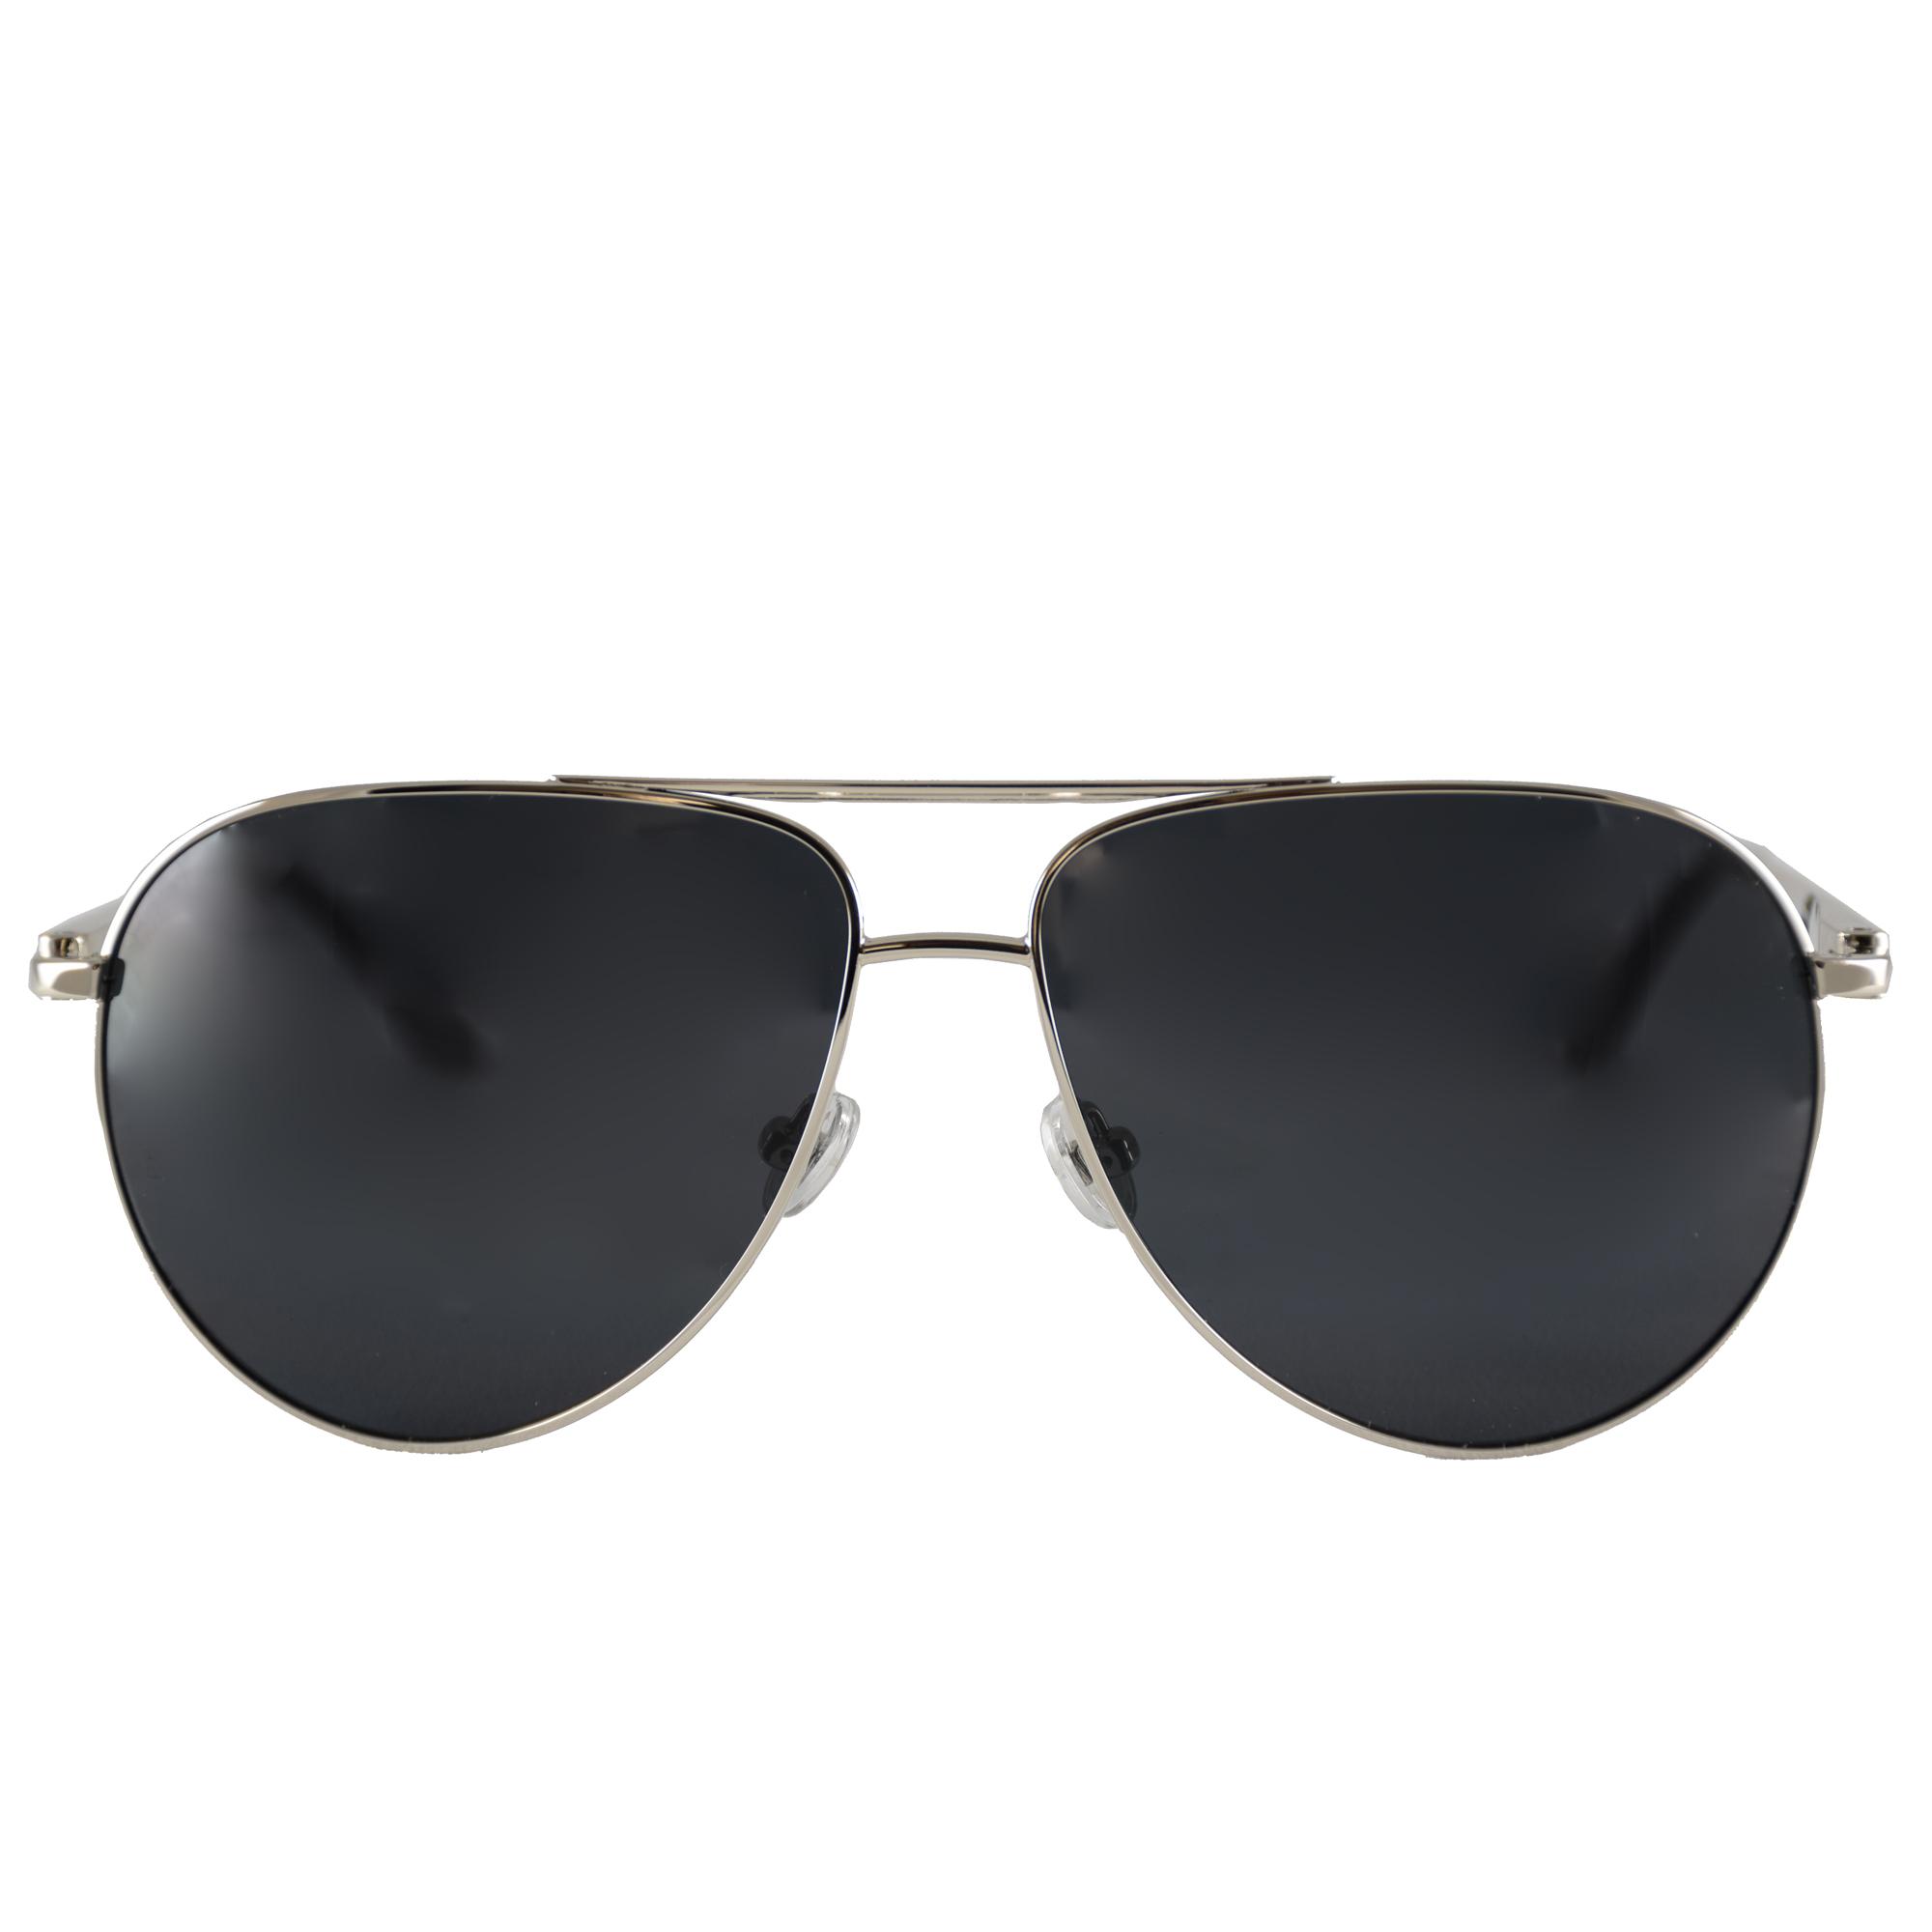 عینک آفتابی پلیس مدل SPL409-0580-Org95